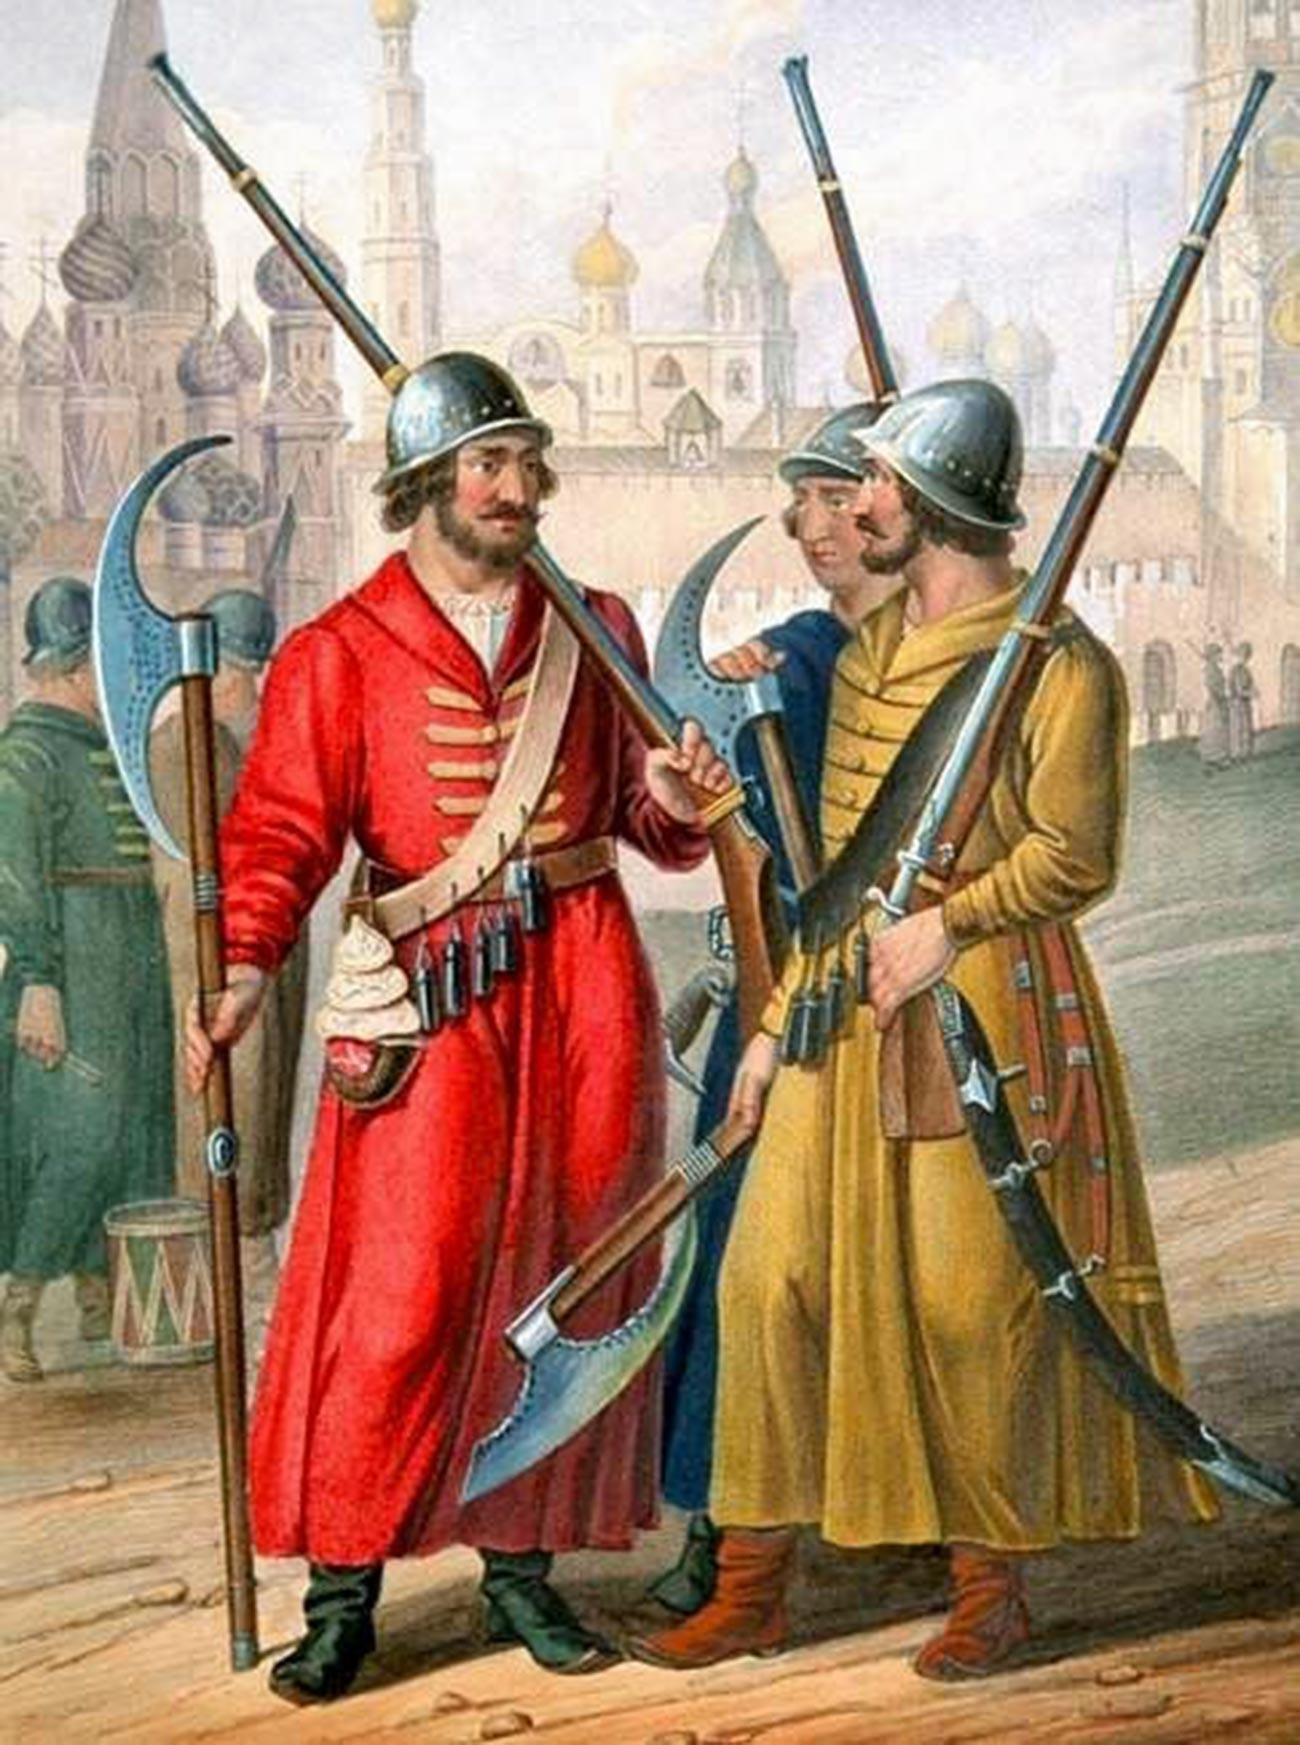 1613年の銃兵(ストレリツィ)